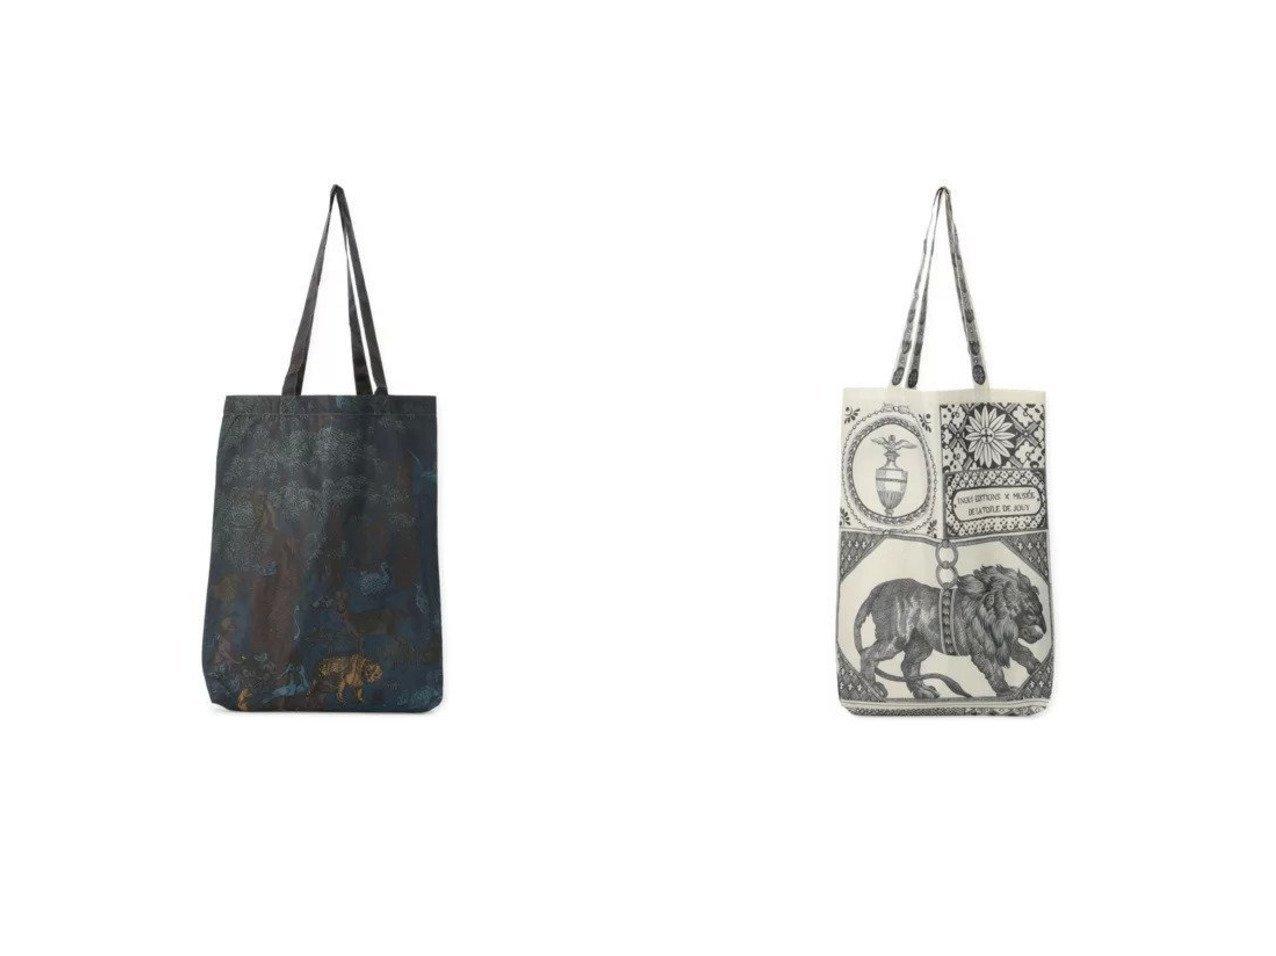 【PLAIN PEOPLE/プレインピープル】の【INOUI EDITIONS】ショッパーバッグ 【バッグ・鞄】おすすめ!人気、トレンド・レディースファッションの通販 おすすめで人気の流行・トレンド、ファッションの通販商品 インテリア・家具・メンズファッション・キッズファッション・レディースファッション・服の通販 founy(ファニー) https://founy.com/ ファッション Fashion レディースファッション WOMEN バッグ Bag フォルム プリント ベーシック ポケット 軽量 |ID:crp329100000068601